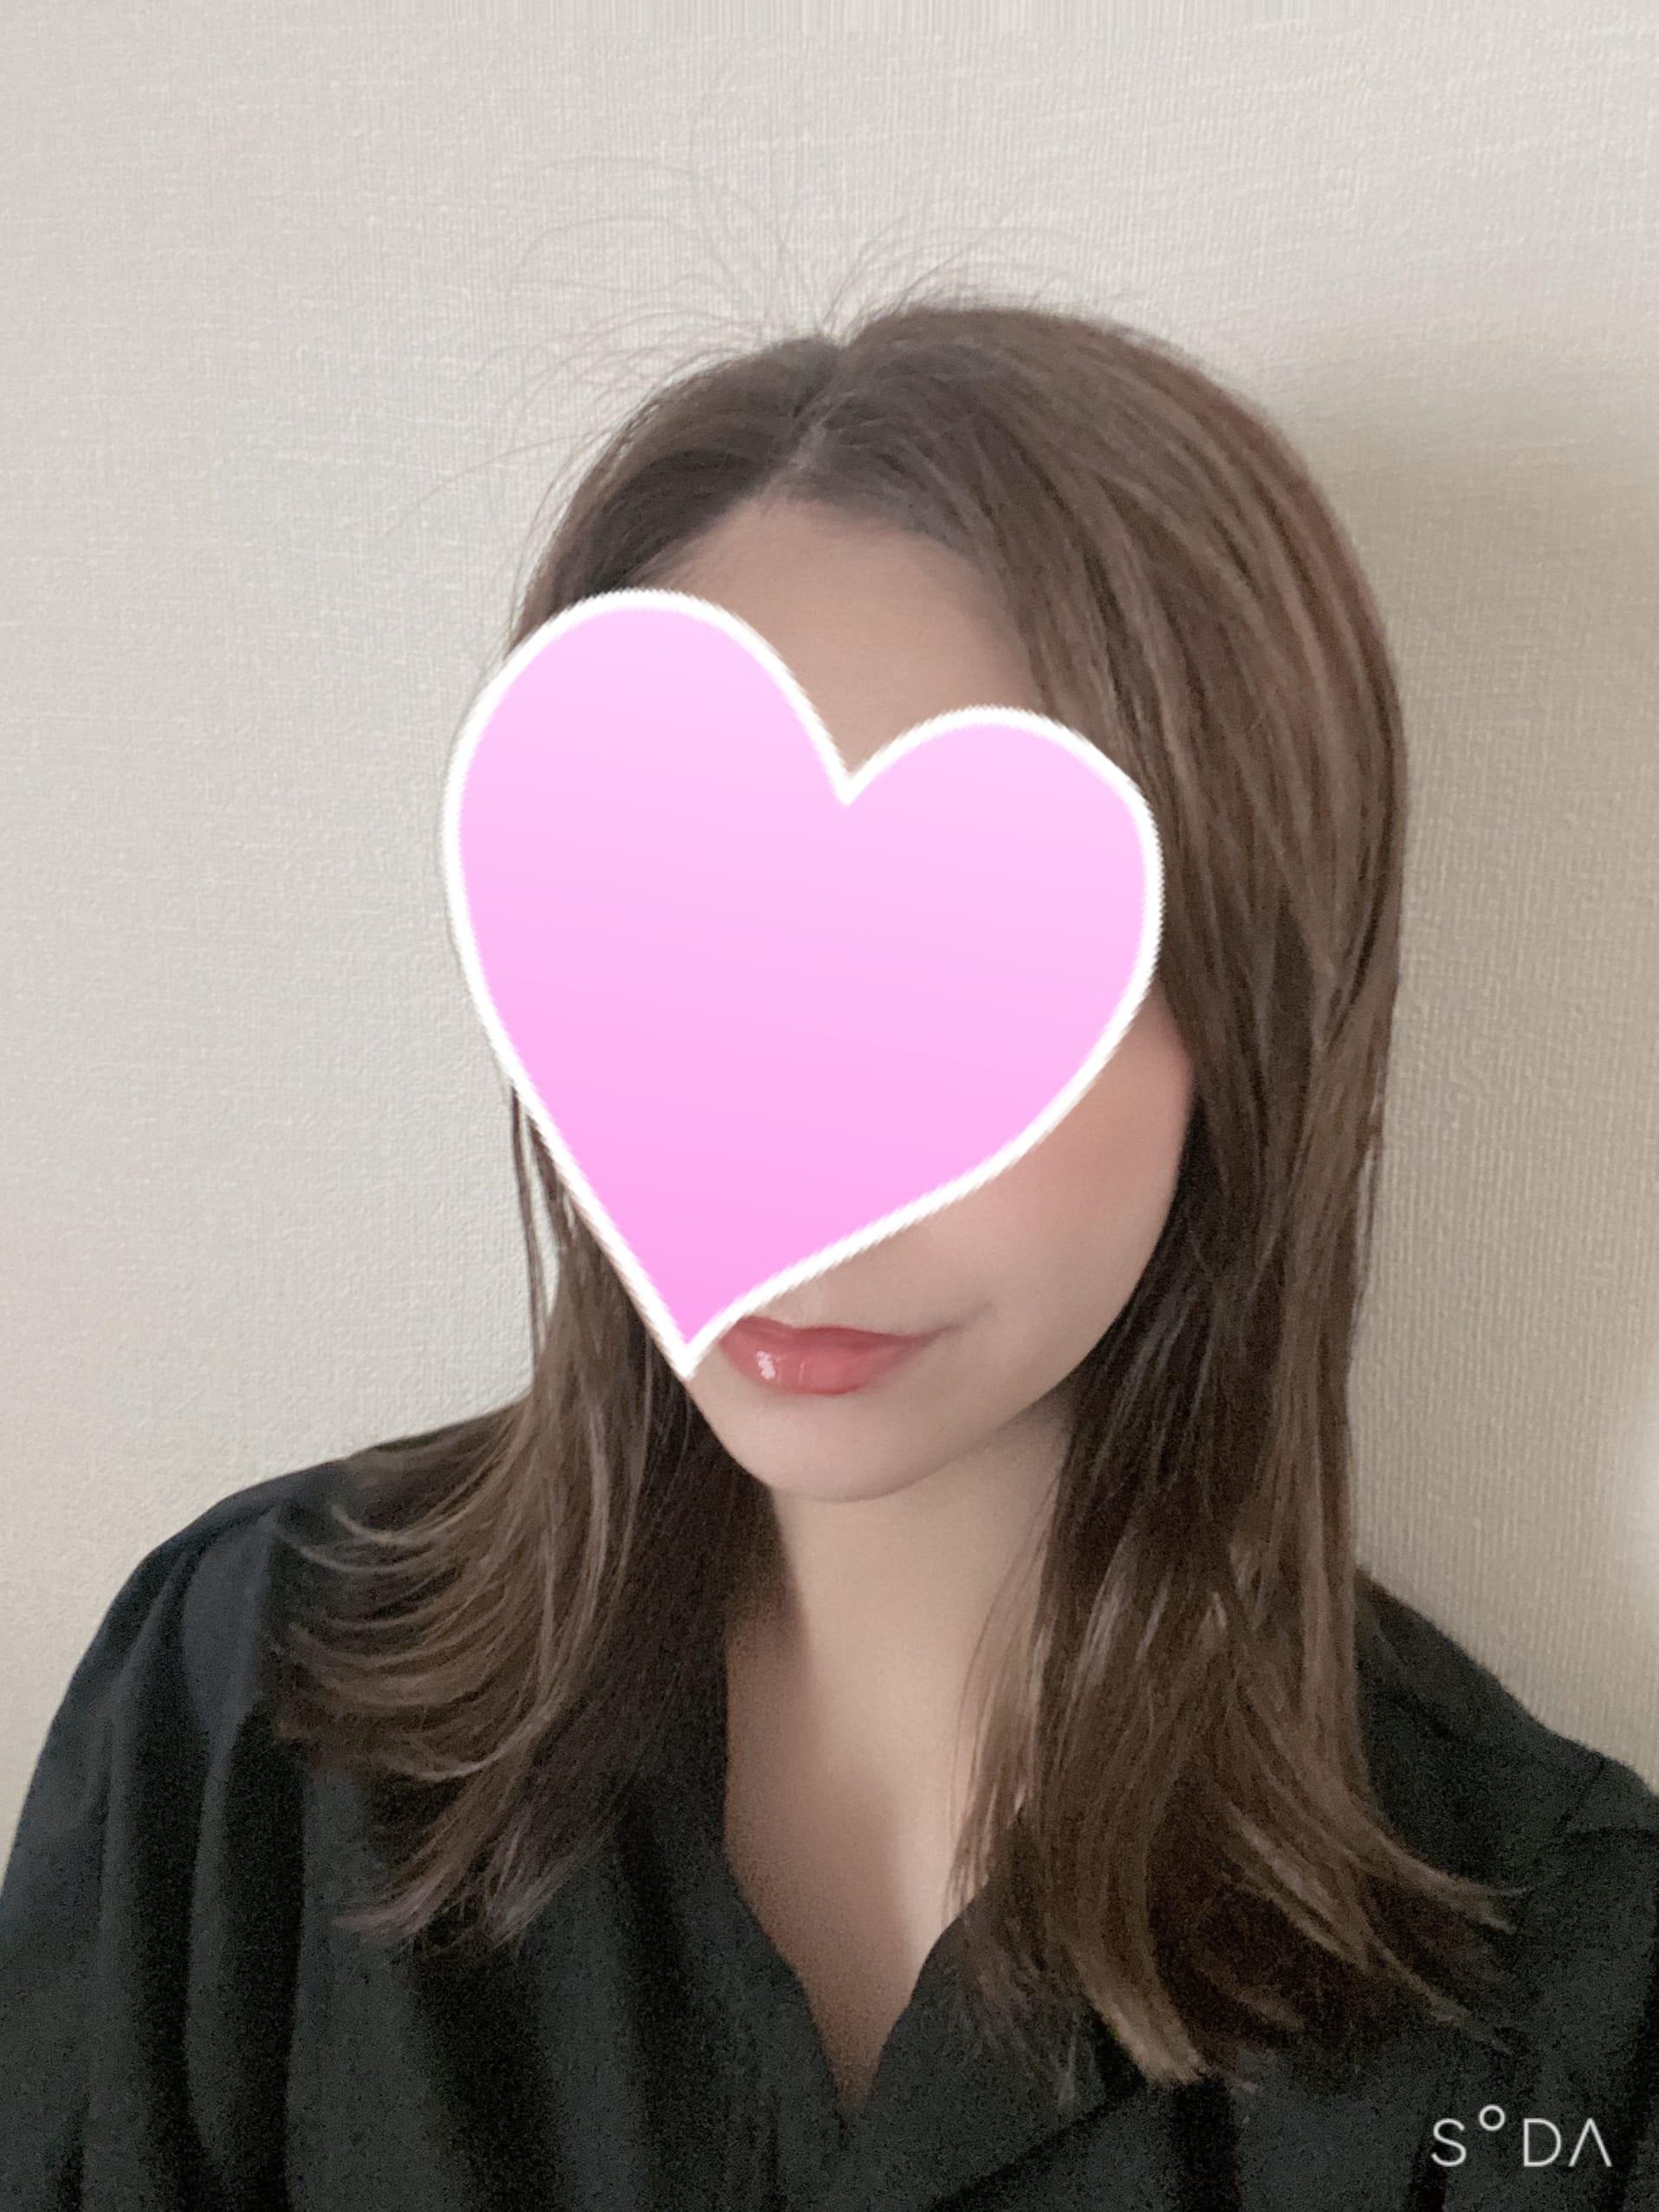 「はじめまして」04/04(日) 17:35 | まりさの写メ日記